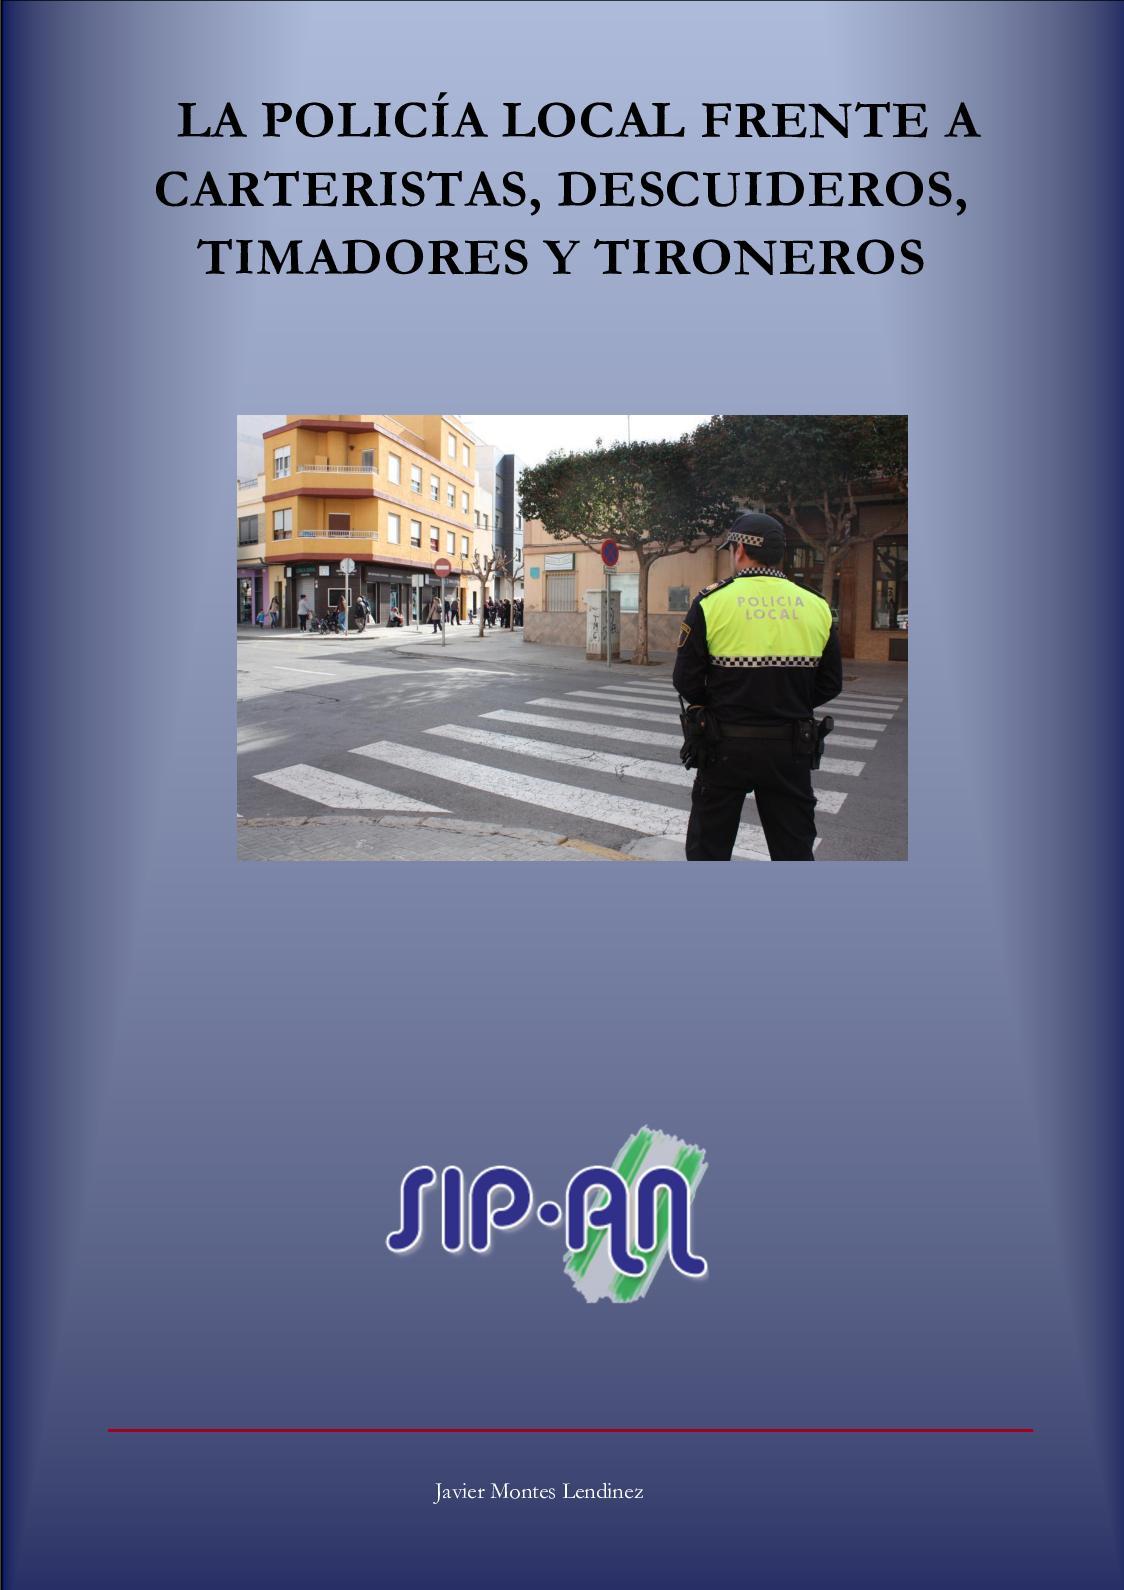 343 La Policía Local Frente A Carteristas, Descuidereos, Timadores Y Tironeros